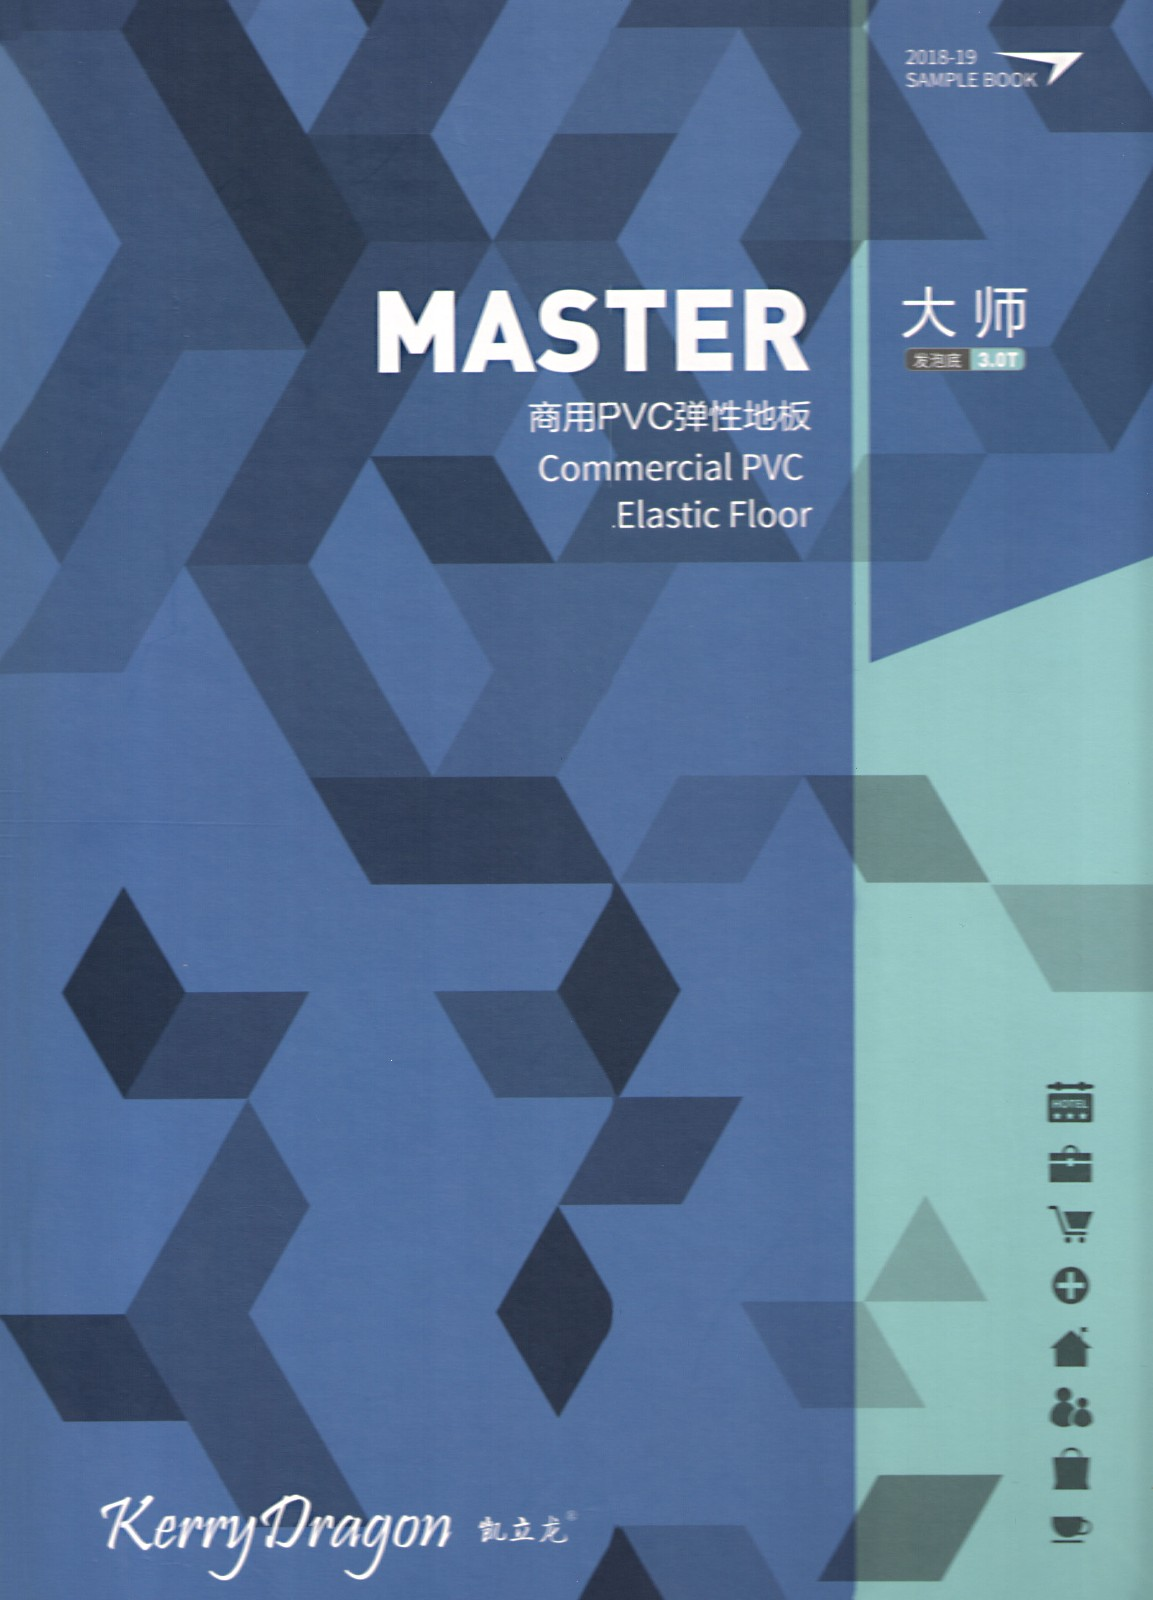 凯立龙大师pvc地板 凯利龙系列-陕西棋牌挣钱建材有限责任公司